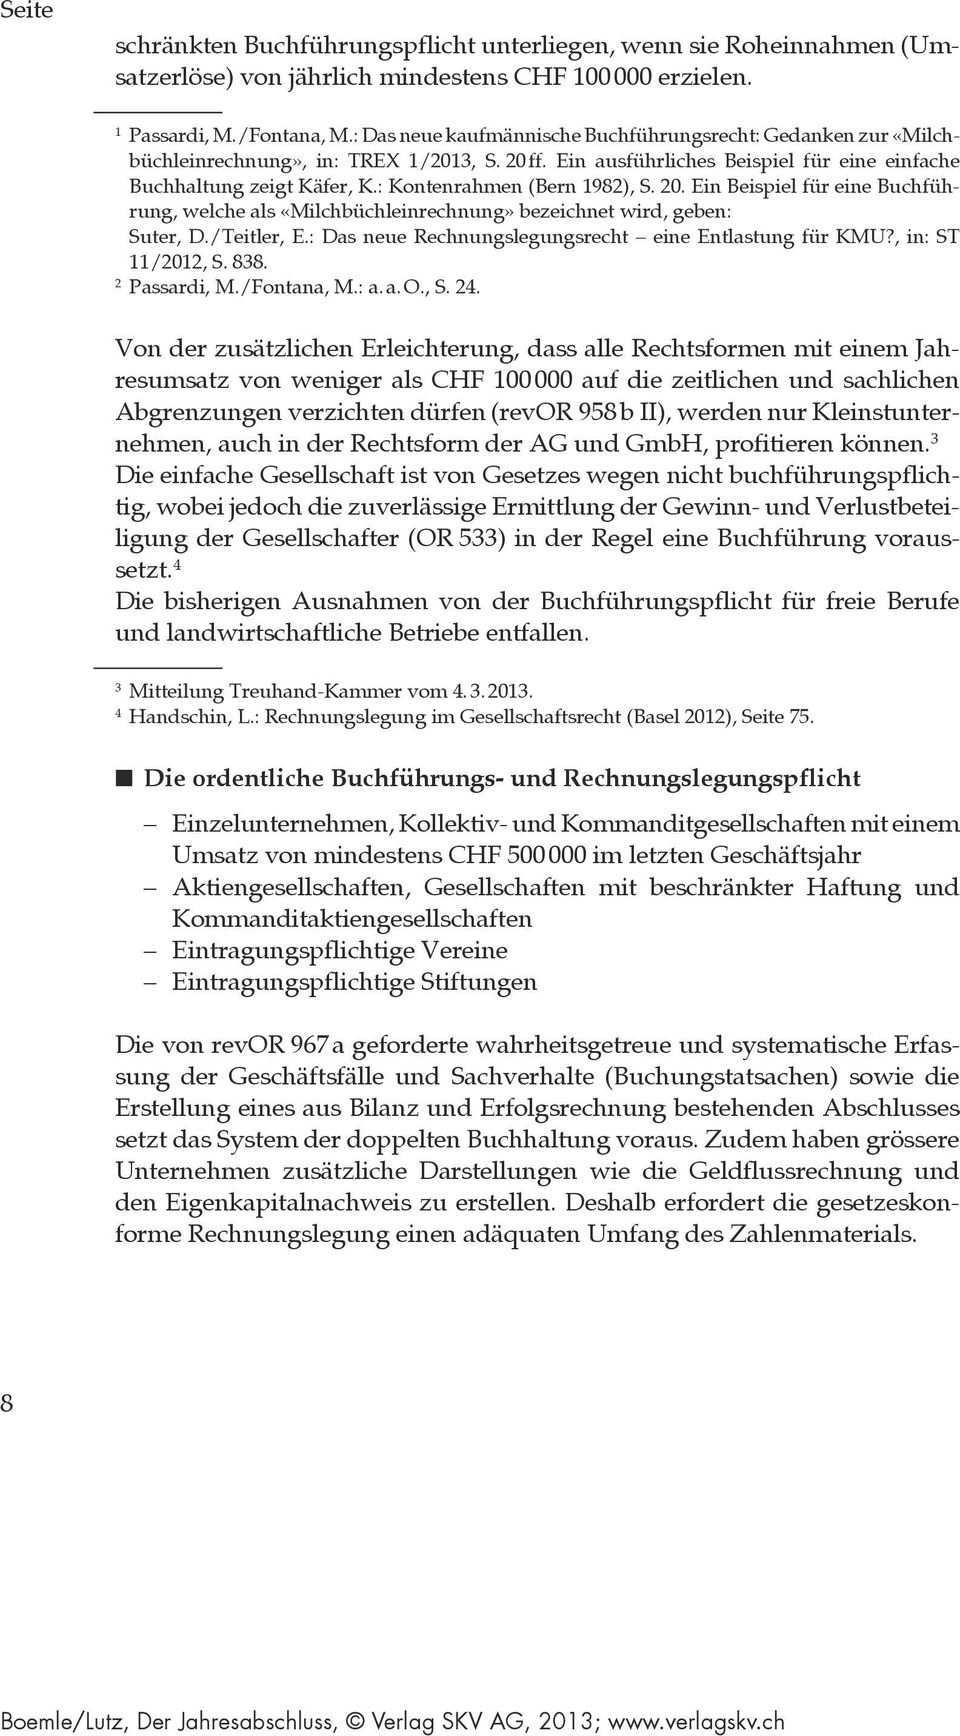 Der Jahresabschluss Bilanz Erfolgsrechnung Geldflussrechnung Anhang Max Boemle Ralf Lutz Pdf Kostenfreier Download